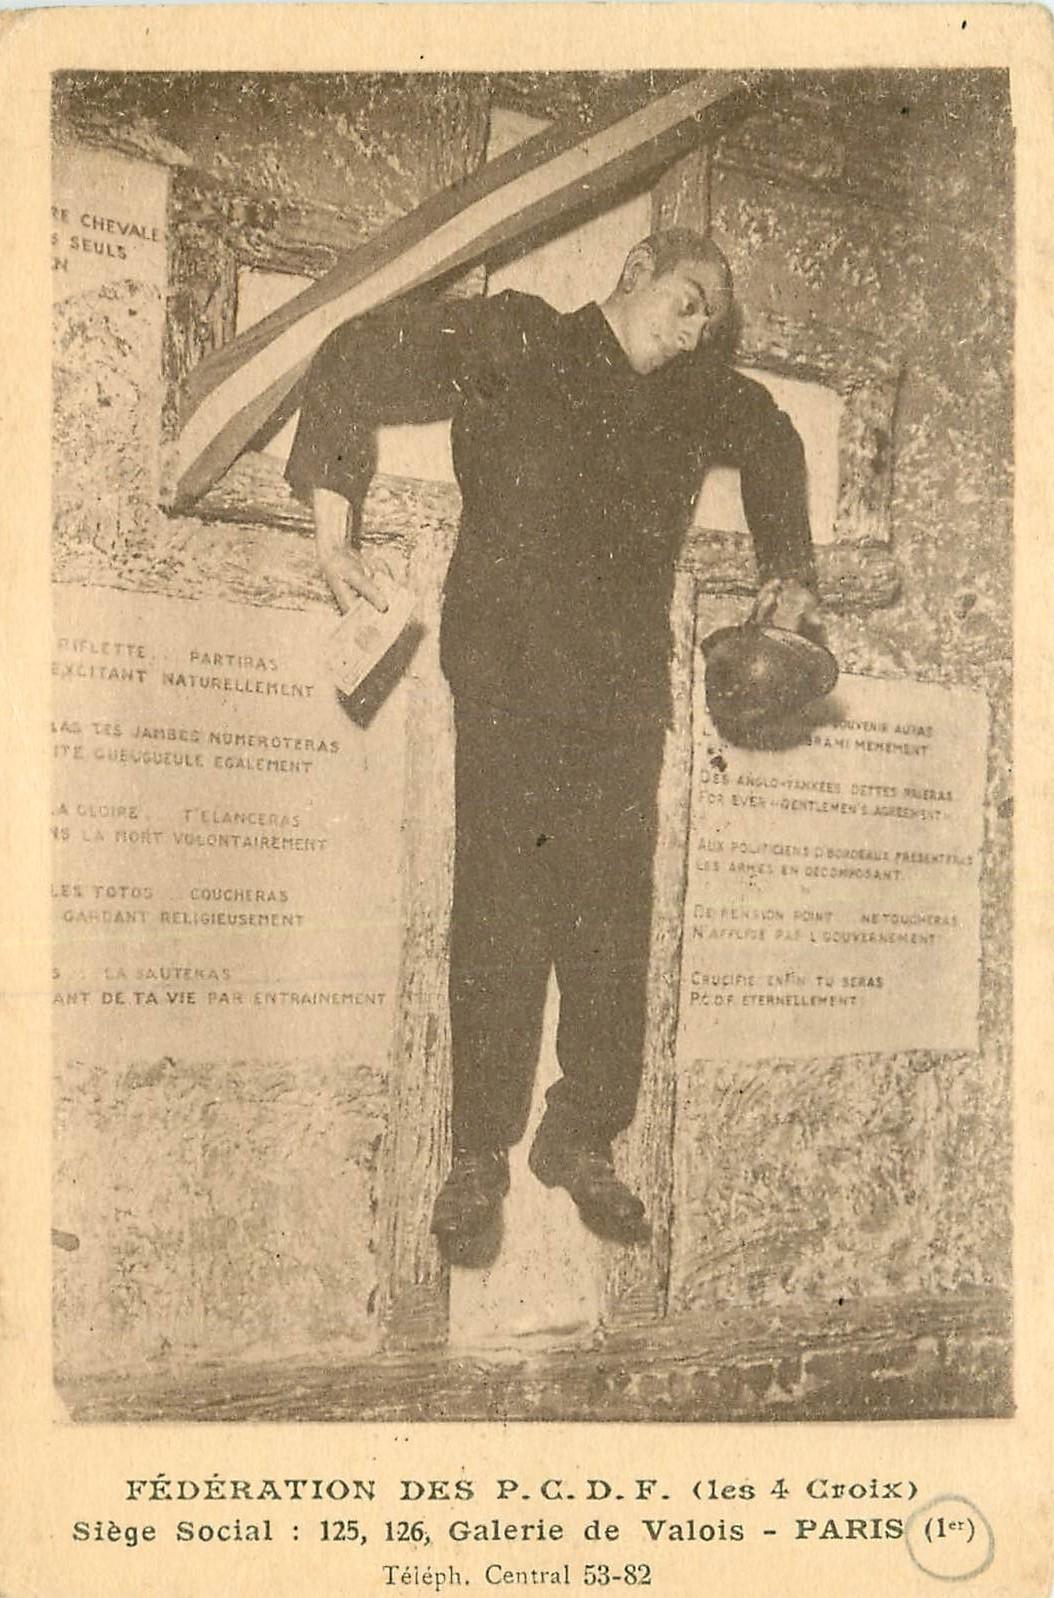 WW PARIS 01. Fédération des P.C.D.F les 4 Croix 125 Galerie de Valois